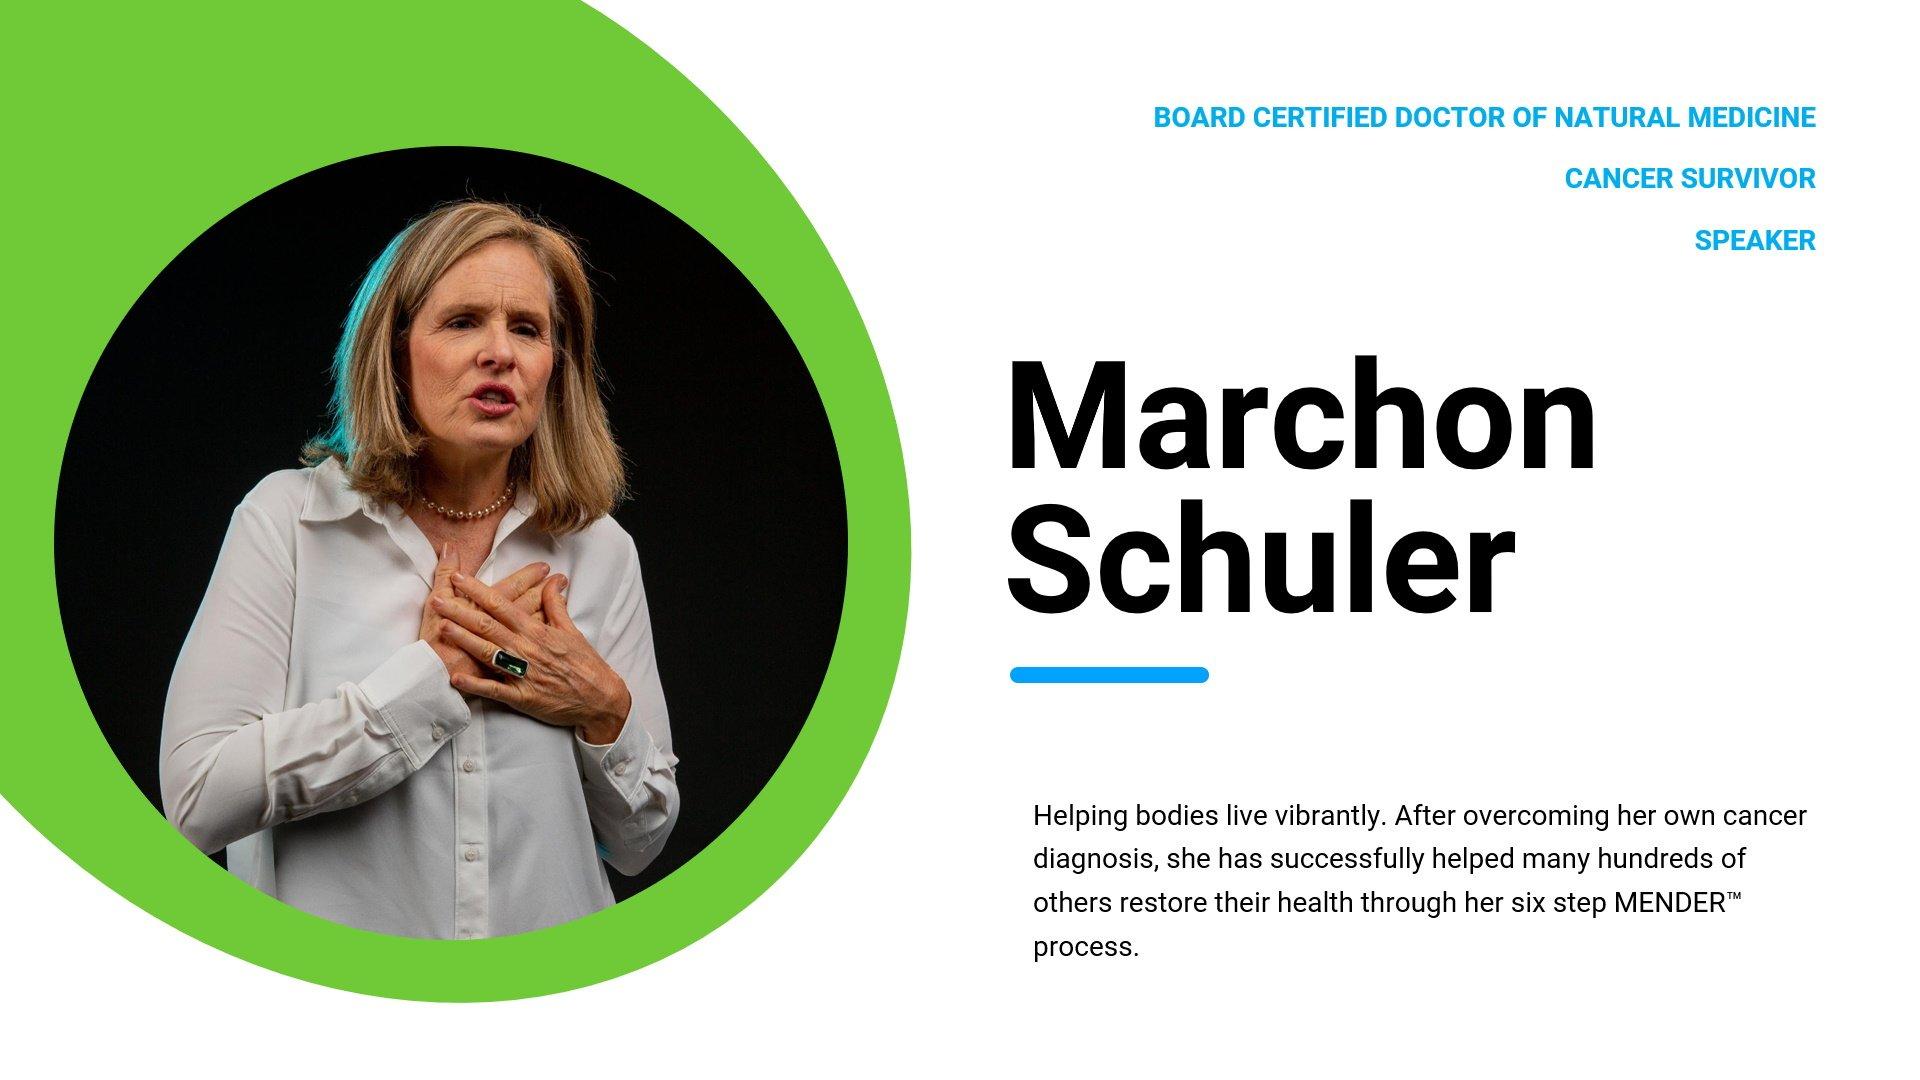 Dr. Marchon Schuler